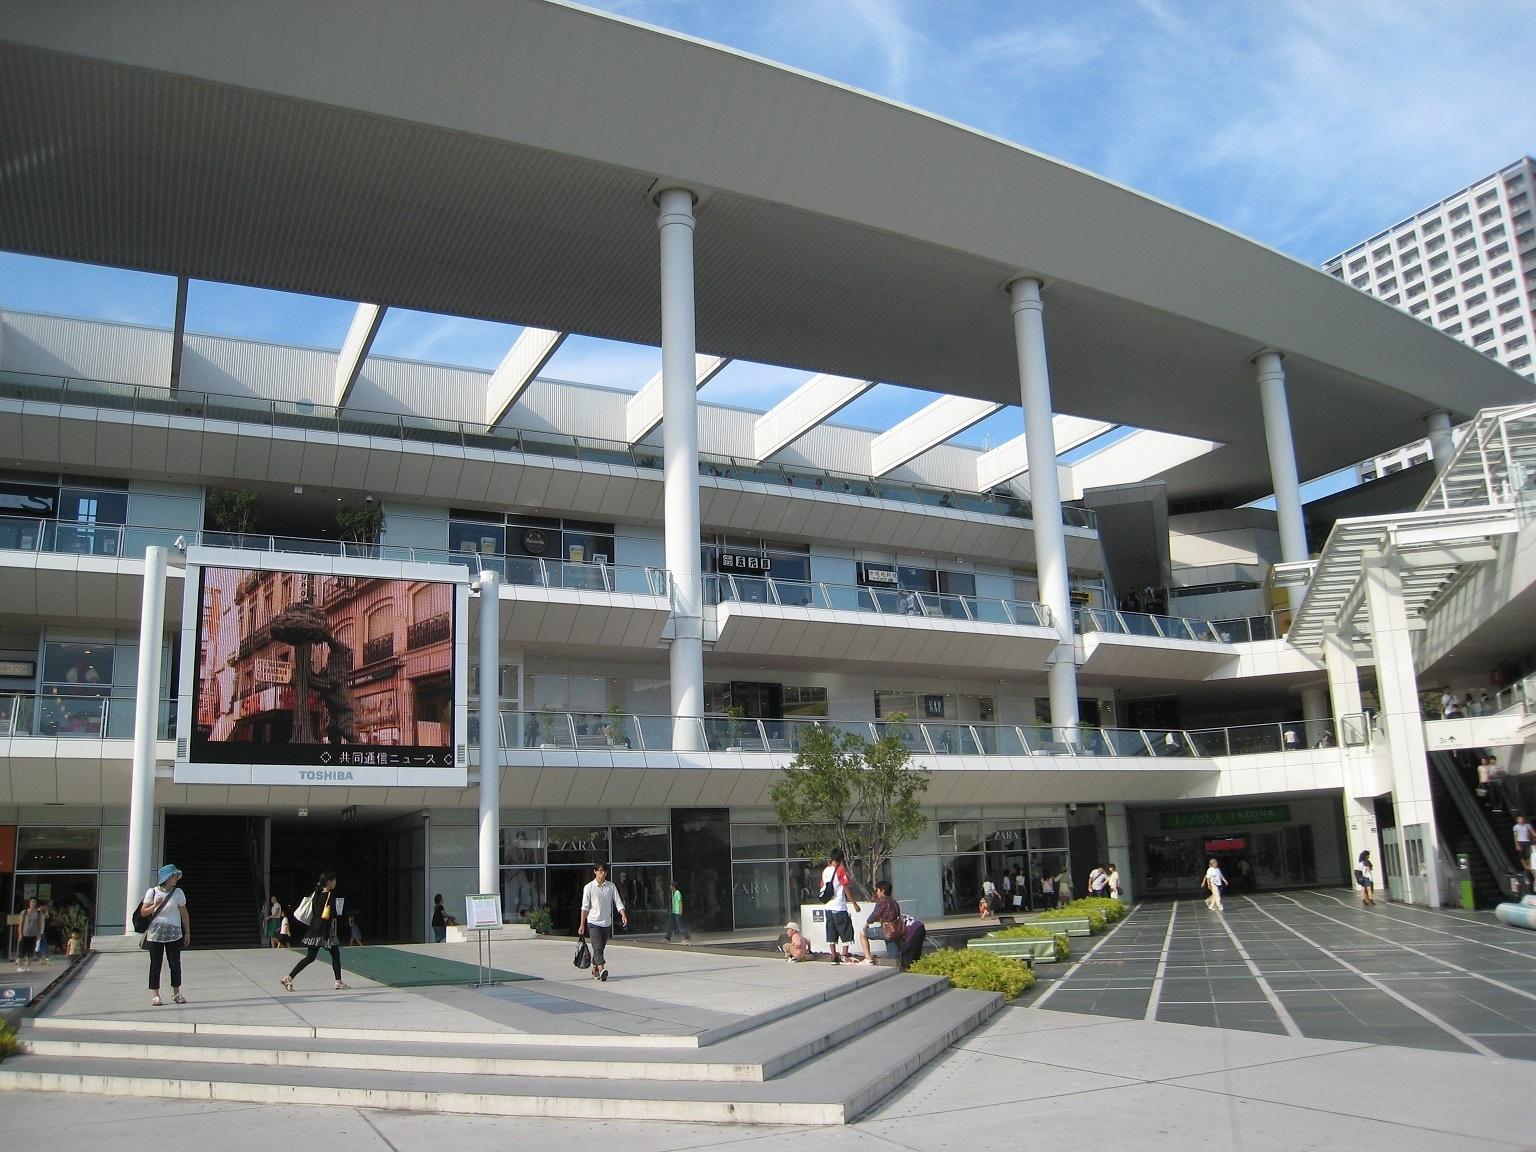 川崎 映画 ラゾーナ 川崎の映画館 上映スケジュール・上映時間